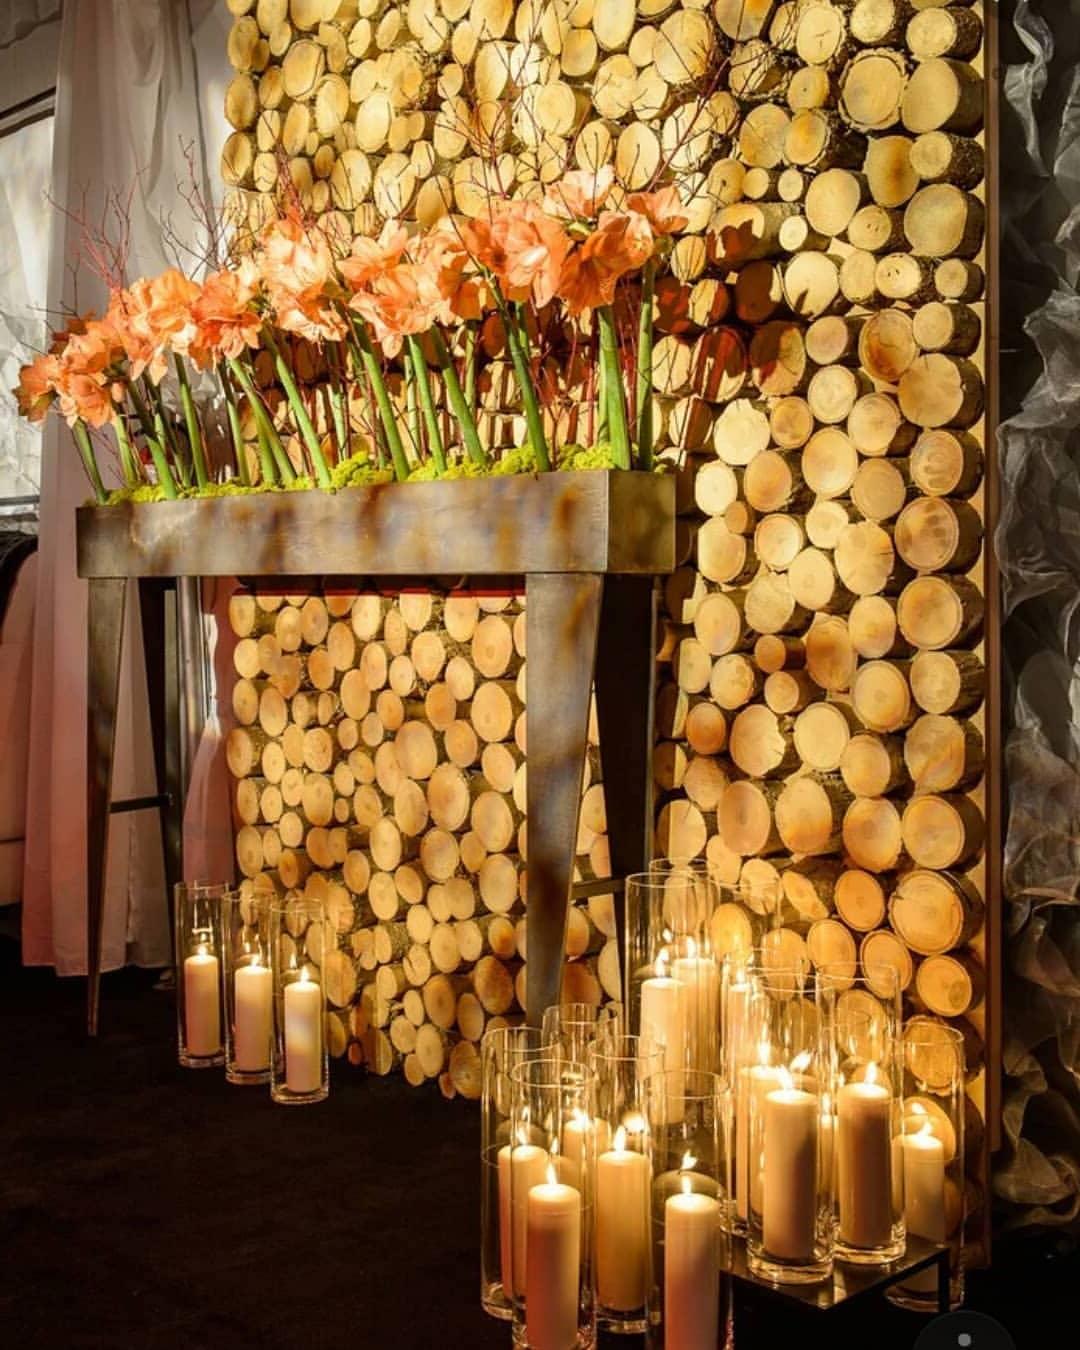 Грубость необработанного дерева смягчается дополнительными декоративными аксессуарами